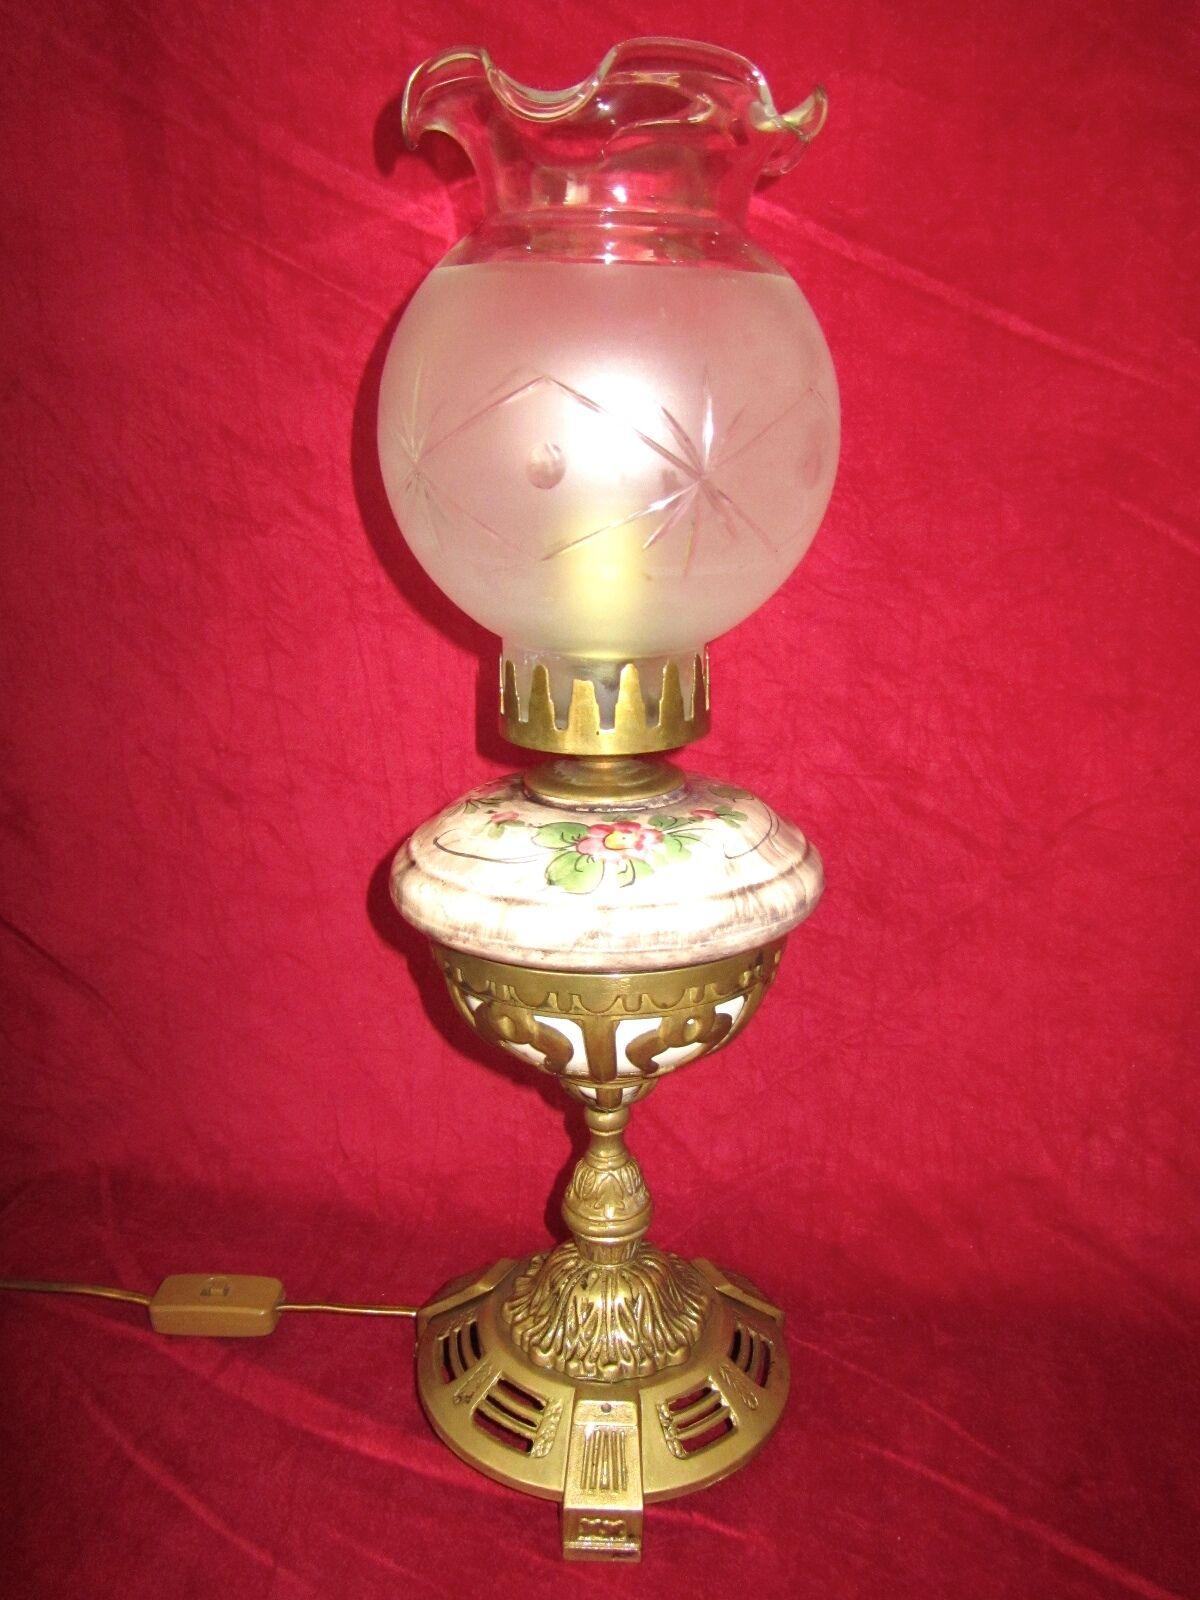 Antique cm Laiton-Céramique-Verre Lampe de bureau 1 brûleurs 52 cm Antique haut 5a1d5a